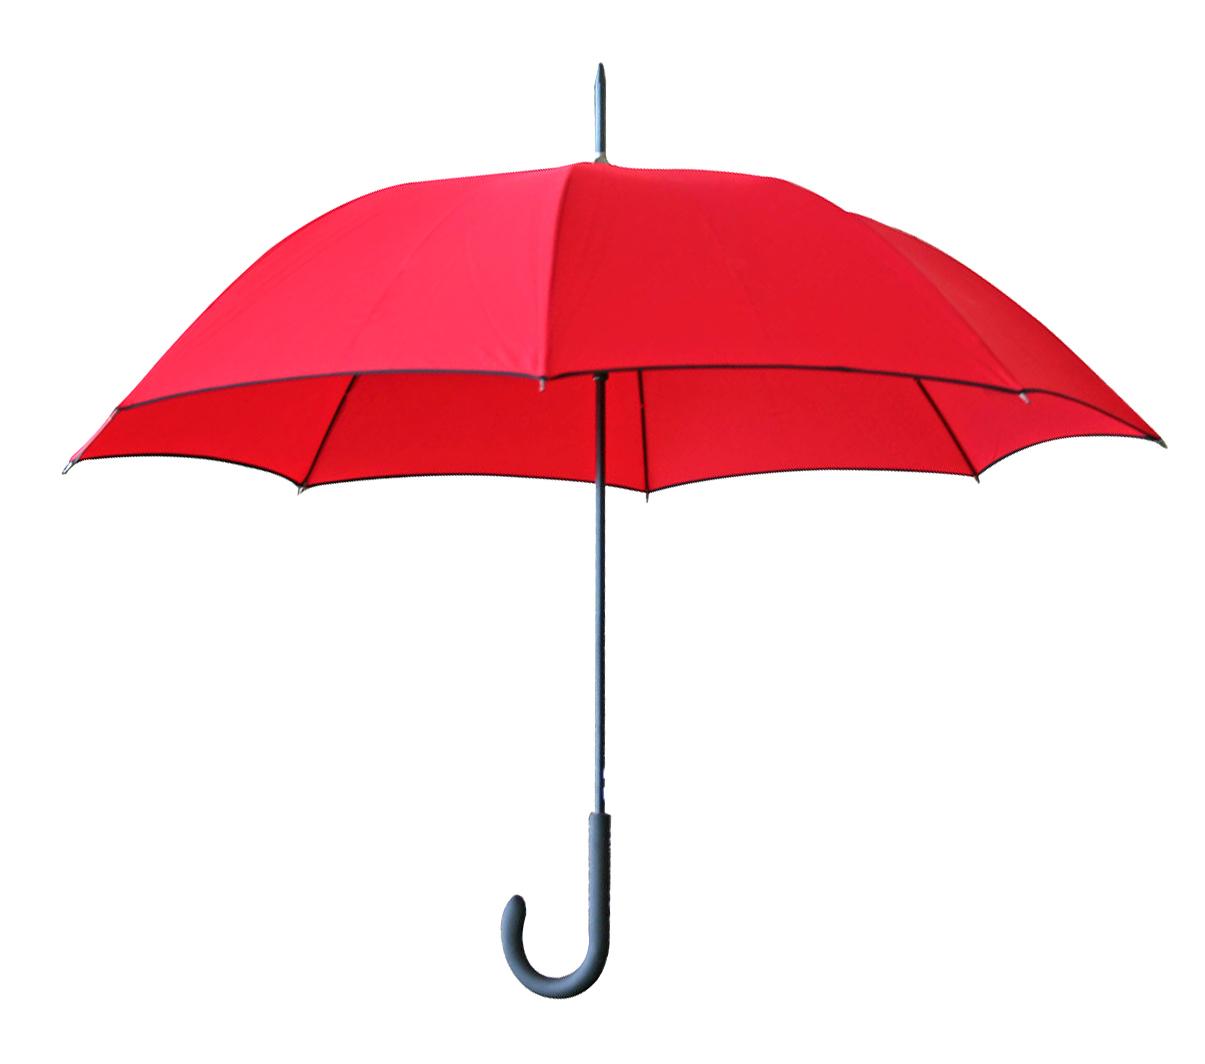 Parapluie Paris Rive Gauche - 13-1025-20